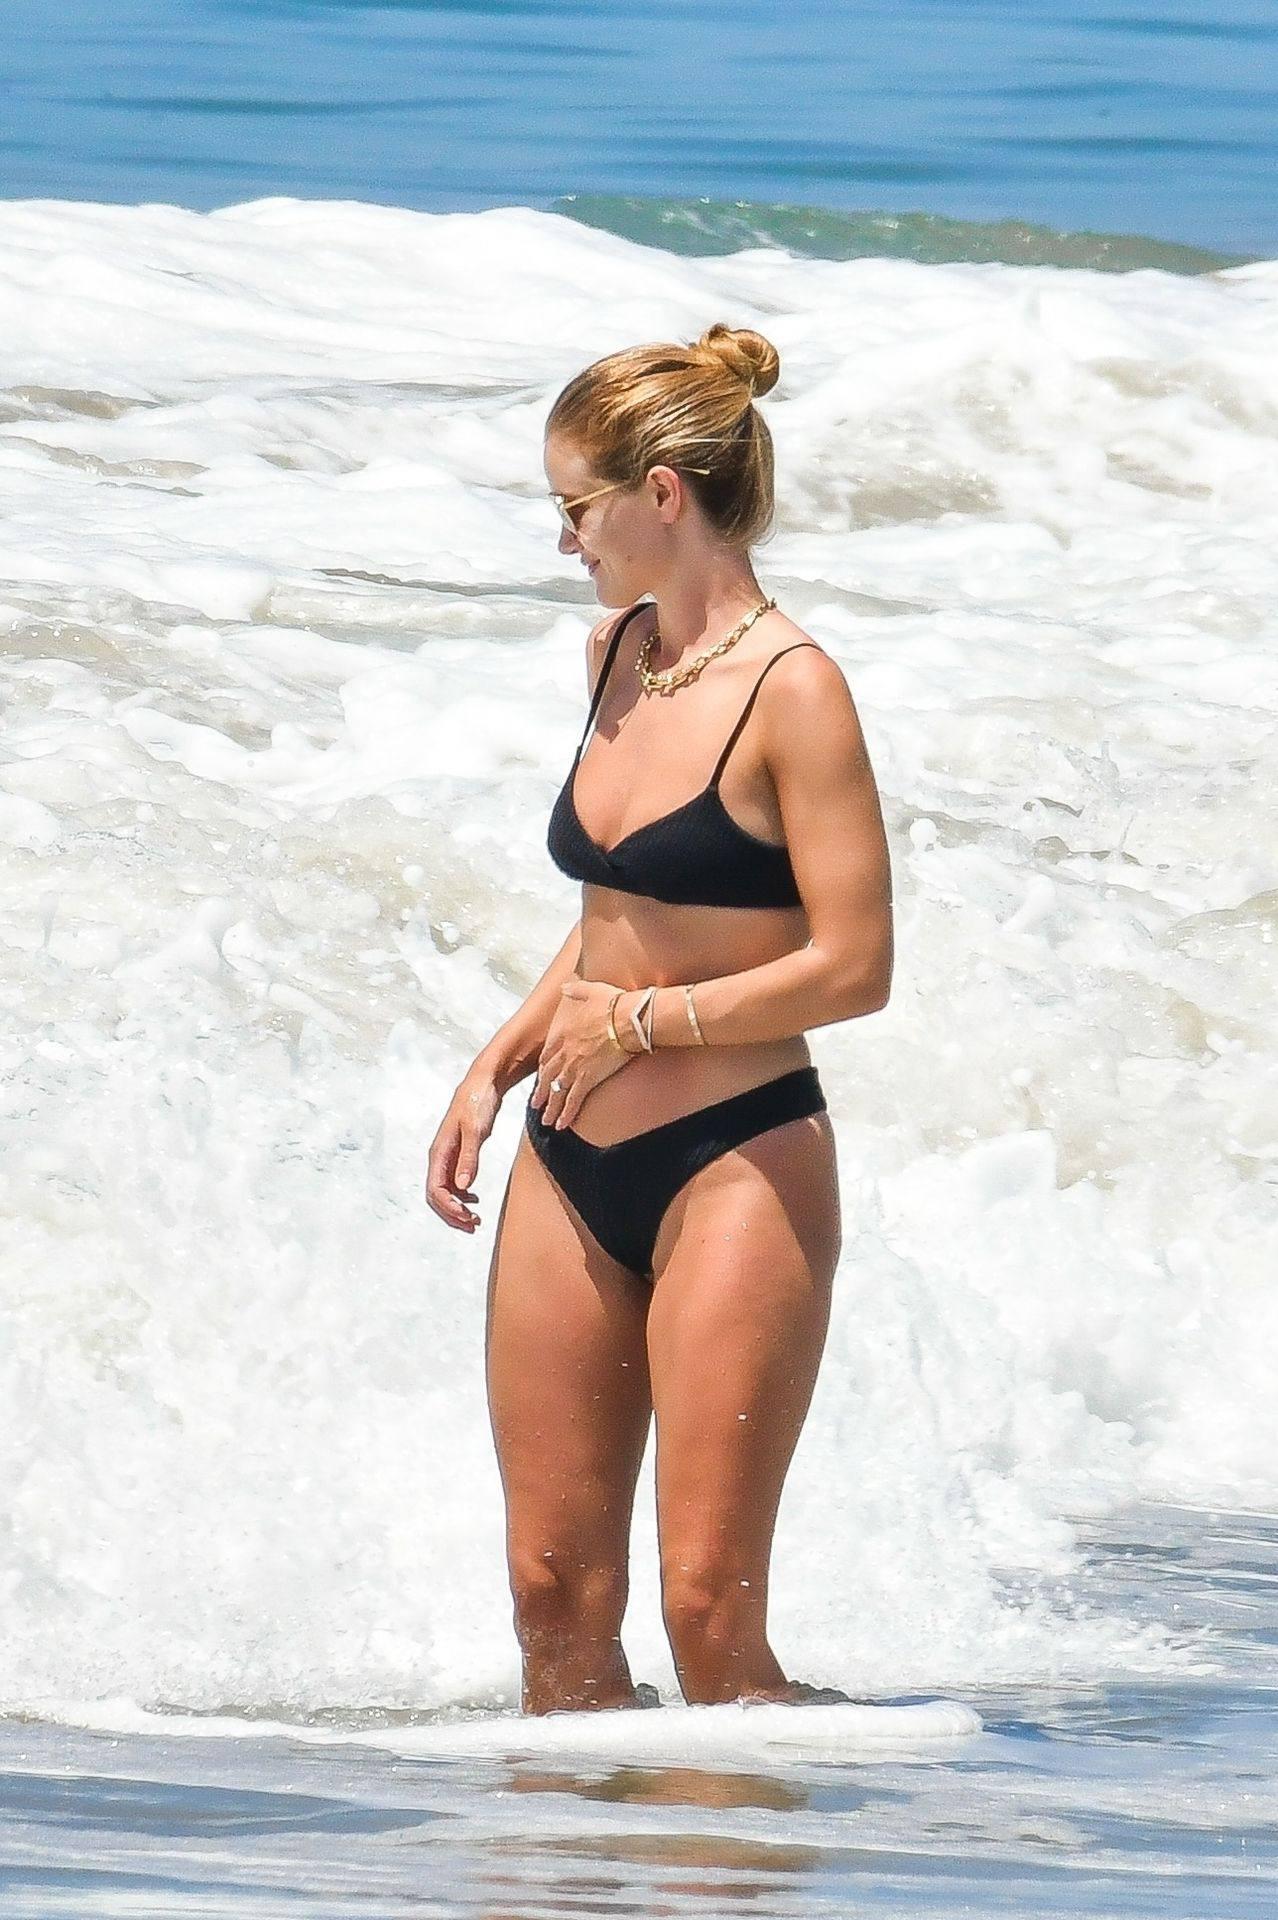 Rosie Huntington Whiteley – Beautiful Ass In Thong Bikini In Malibu 0008